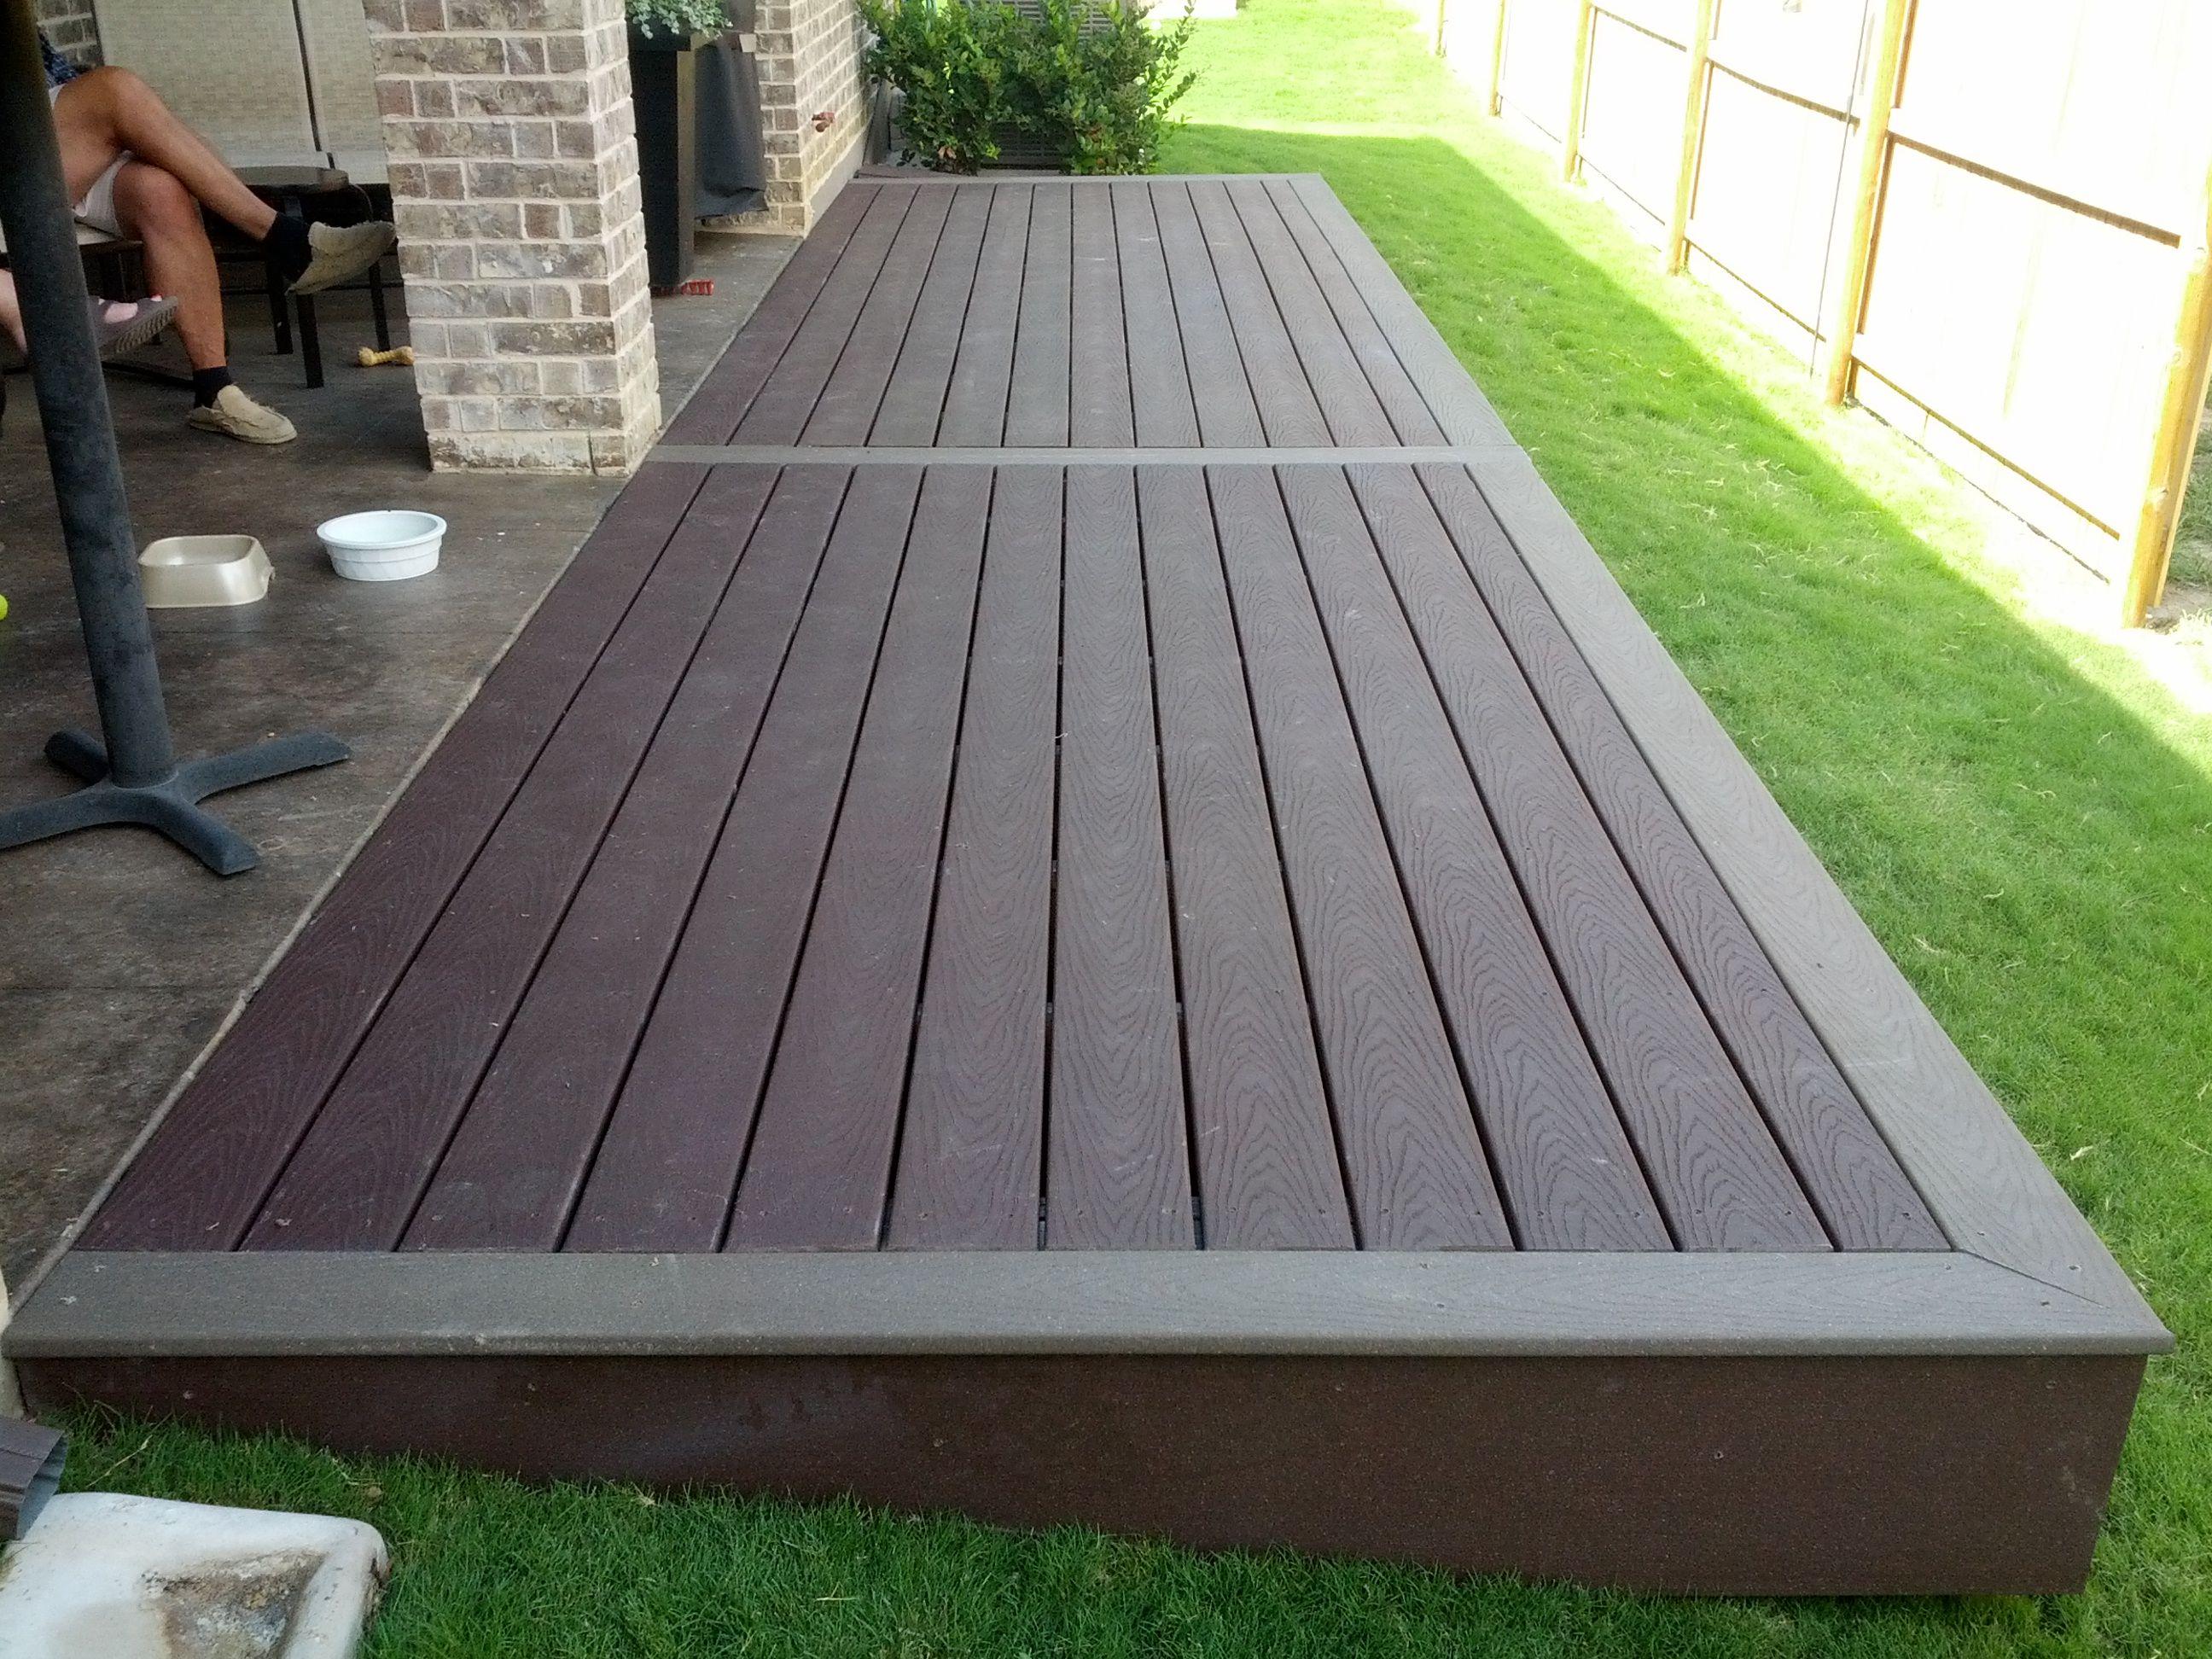 Trex Decking Colors >> Multi Color Trex Deck Patio Backyard Concrete Patio